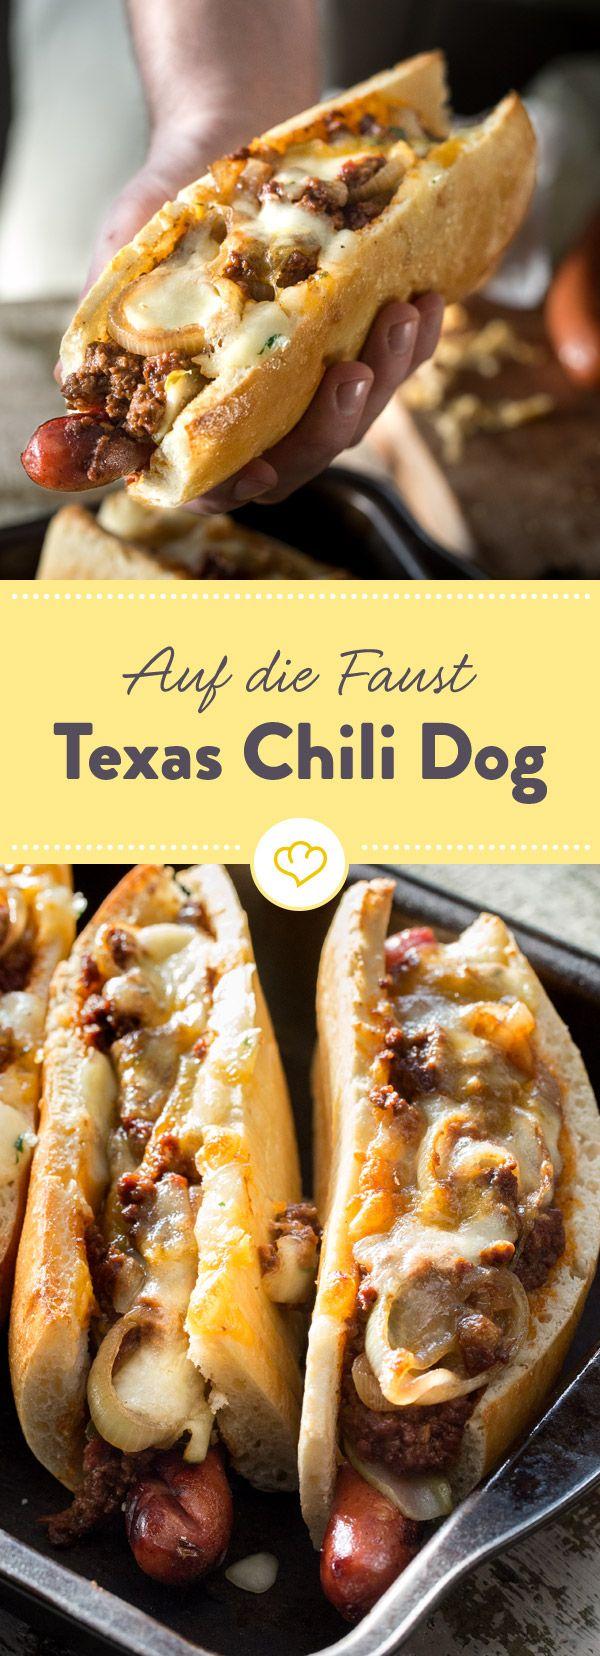 Texas Chili Dog: Direkt auf die Faust und super lecker